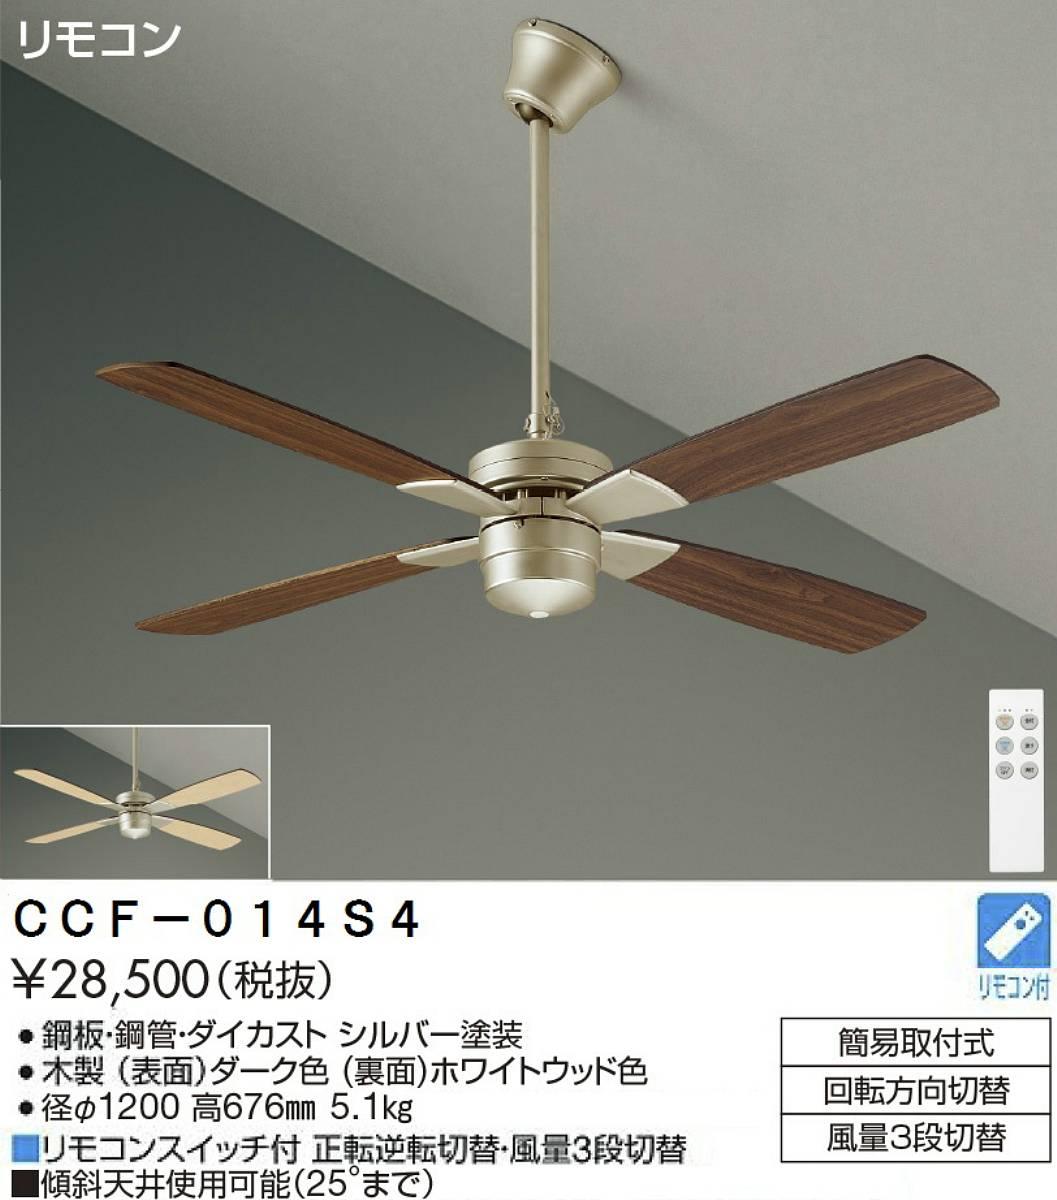 大光電機 CCF-014S4 シーリングファン セット品 リモコン付 畳数設定無し≪即日発送対応可能 在庫確認必要≫